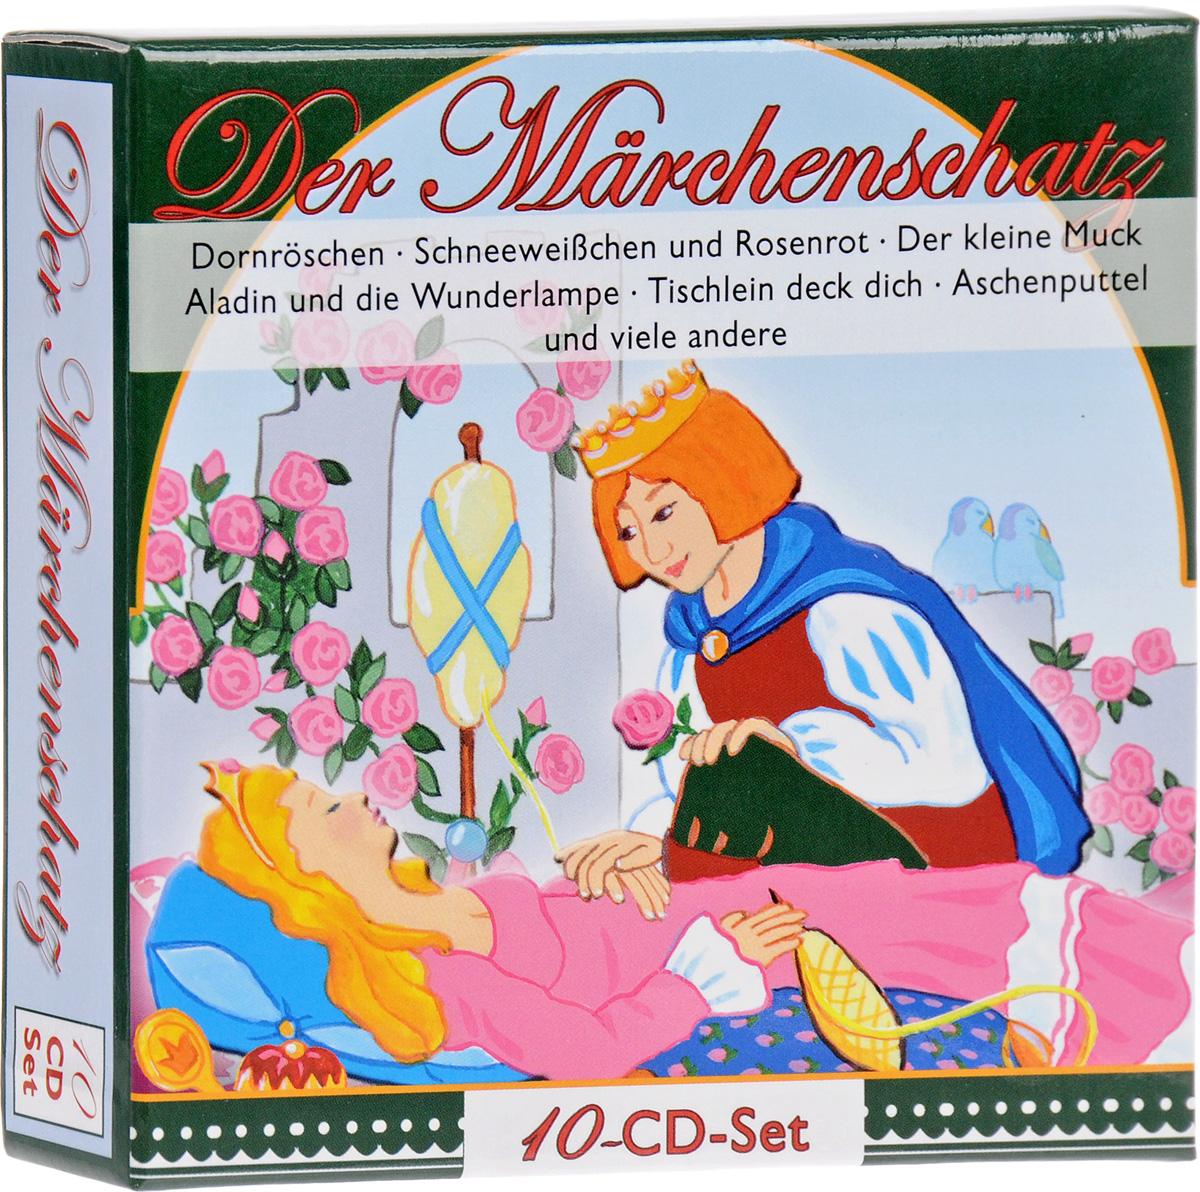 Der Marchenschatz (аудиокнига на 10 CD)